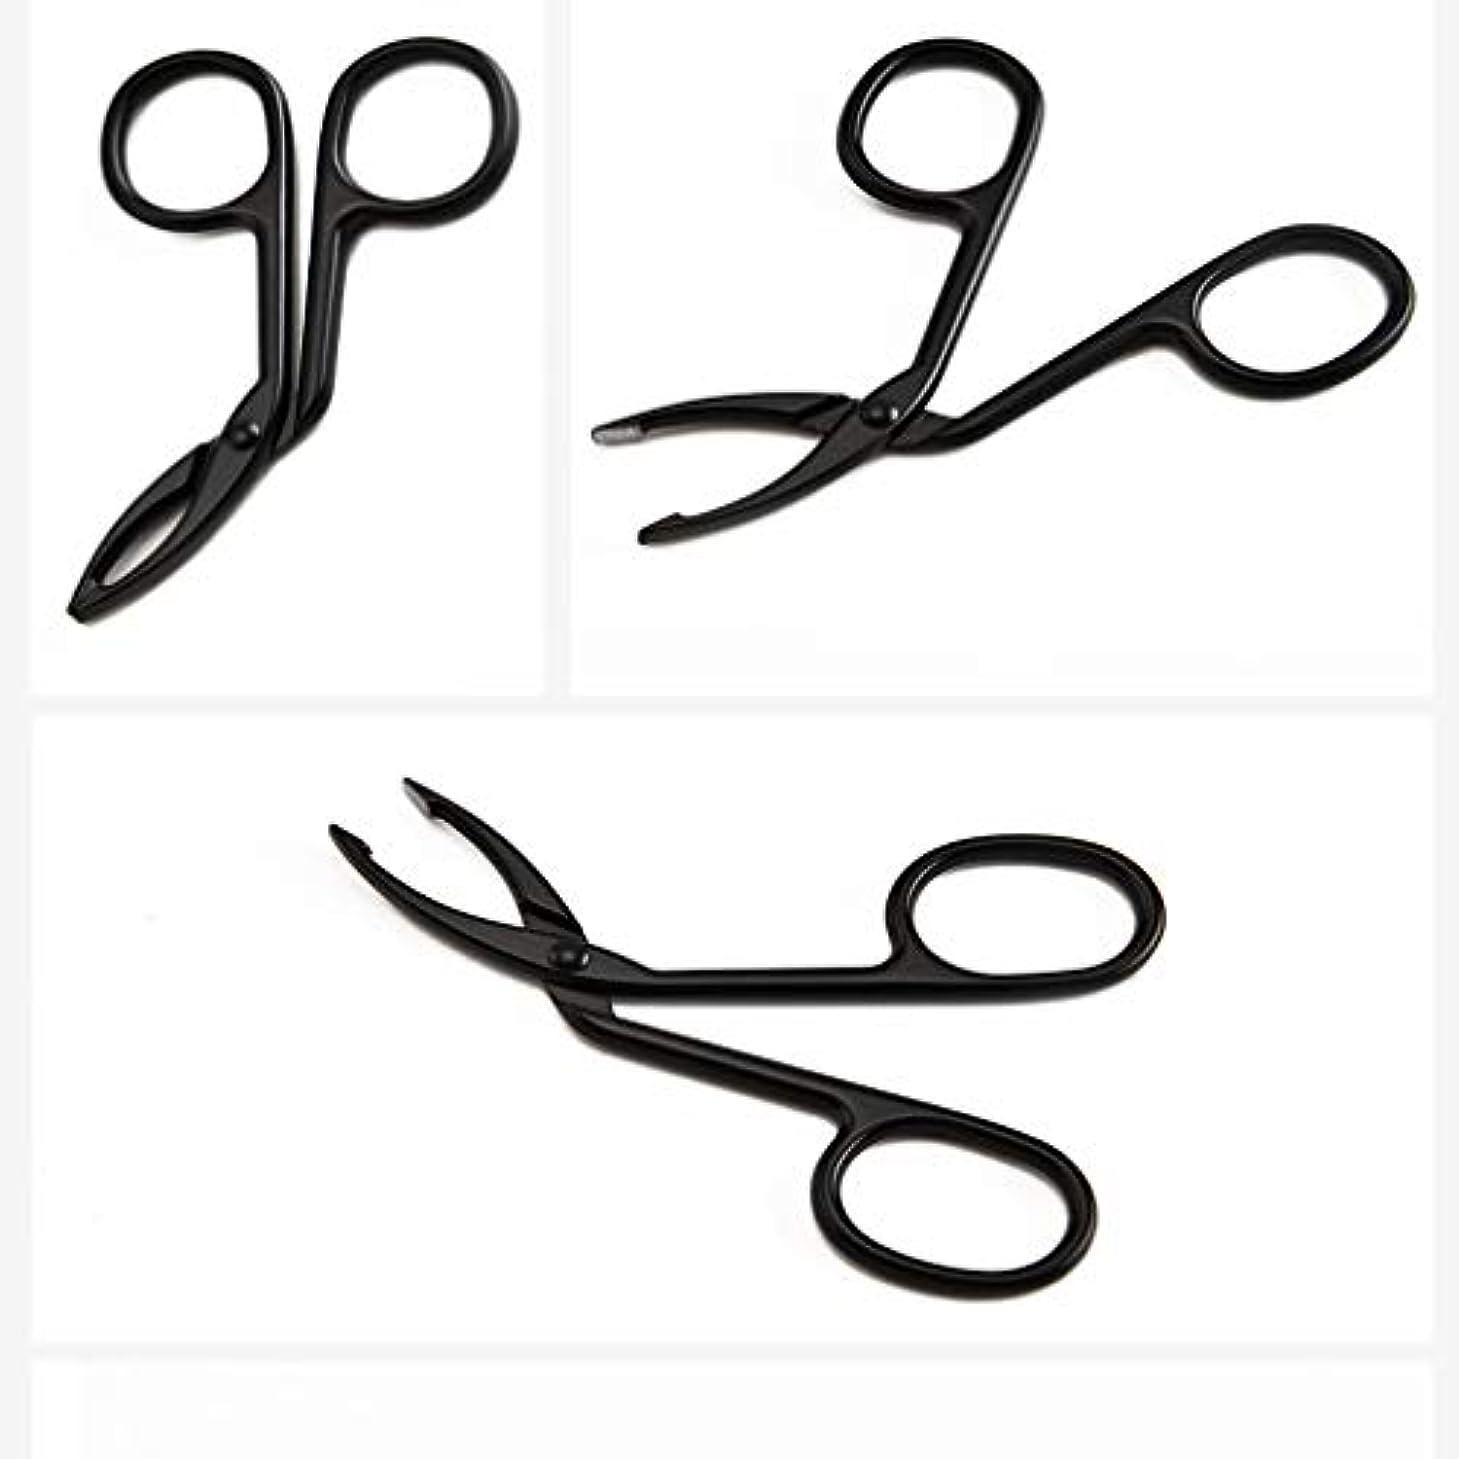 適応する腐敗した曲げるLUXWELL(ラクスウェル)眉毛ピンセットアイブロウ ピンセットクリップ 毛抜き まゆ毛ピンセット 人気の 化粧工具 クリップ